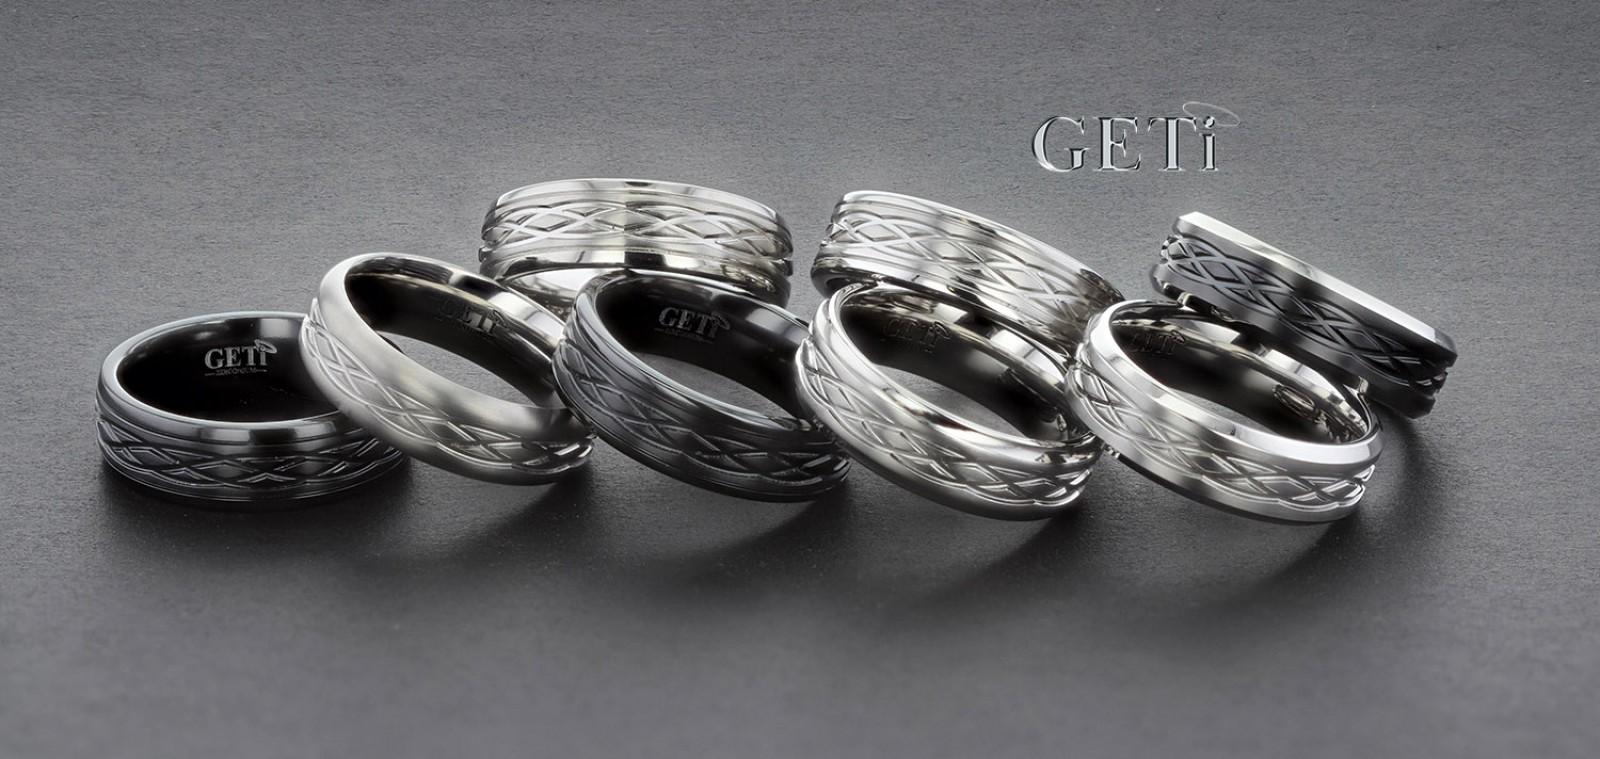 Geti Jewellery West Midlands